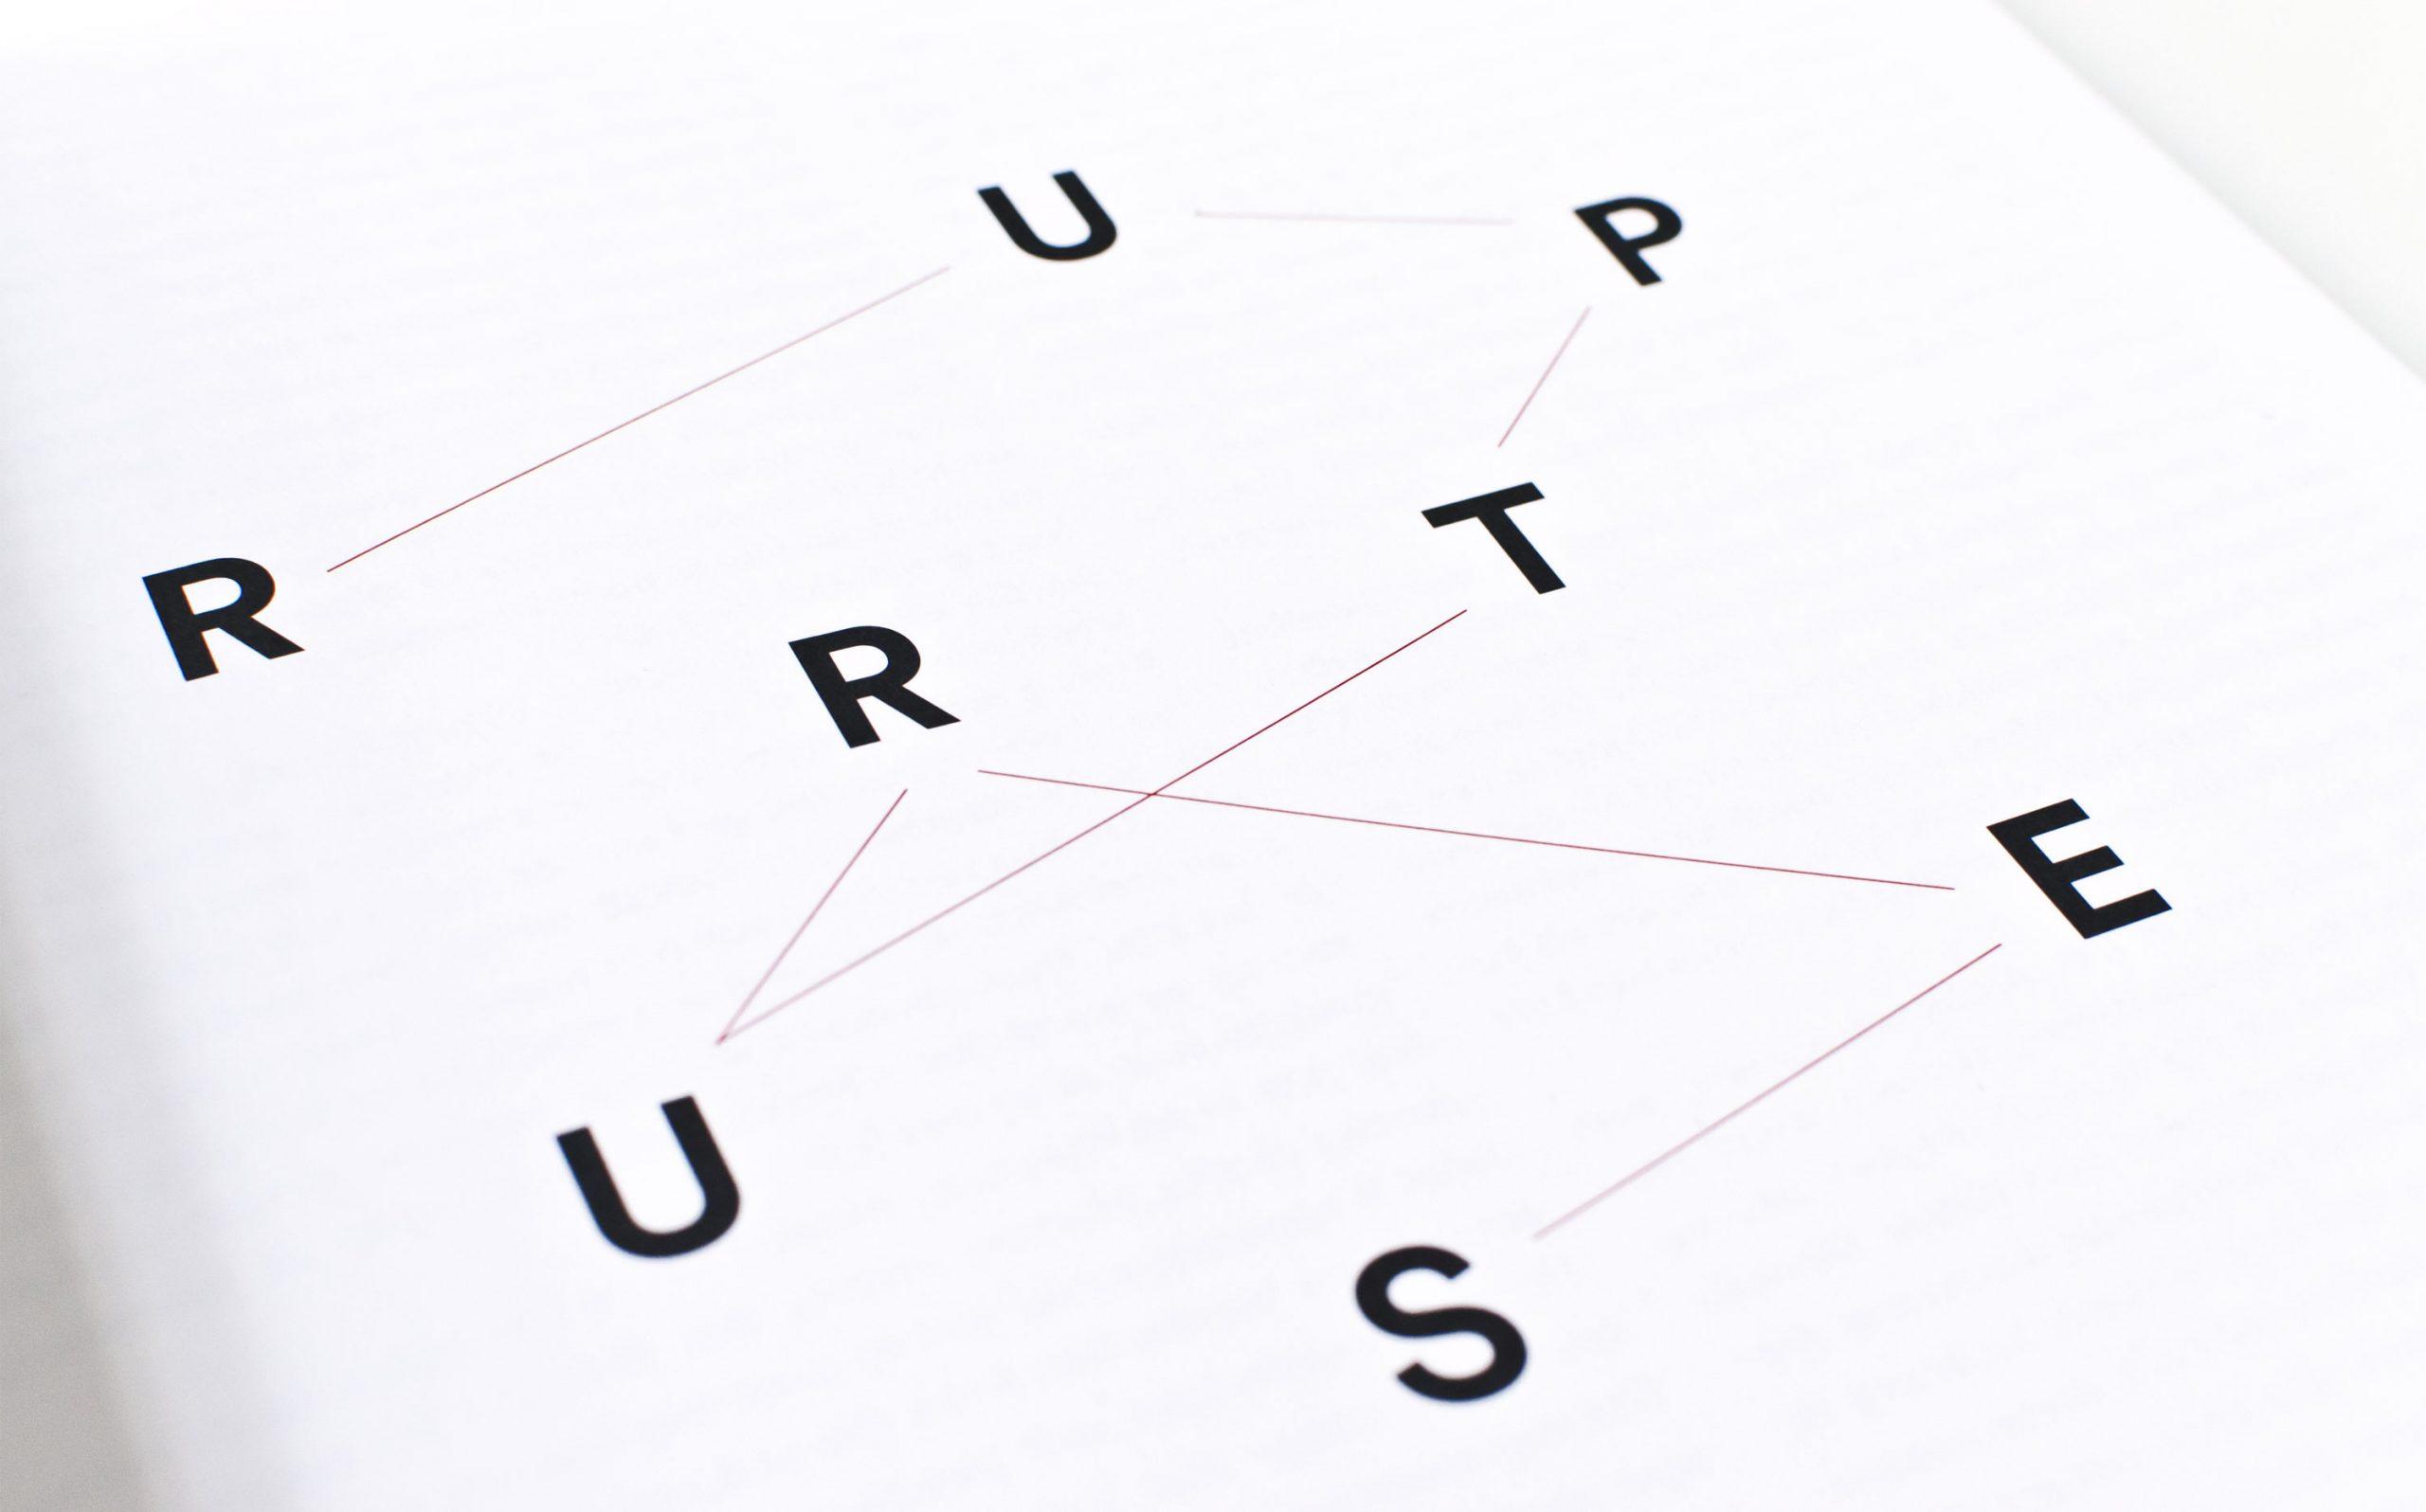 Detail aus Juliana Herrero – REM 1:1 | typografische Inszenierung der Kapitel Opener | Keywords: Editorial Design, Artist Book, Künstlerbuch, Buchgestaltung, Grafikdesign, Design, Typografie